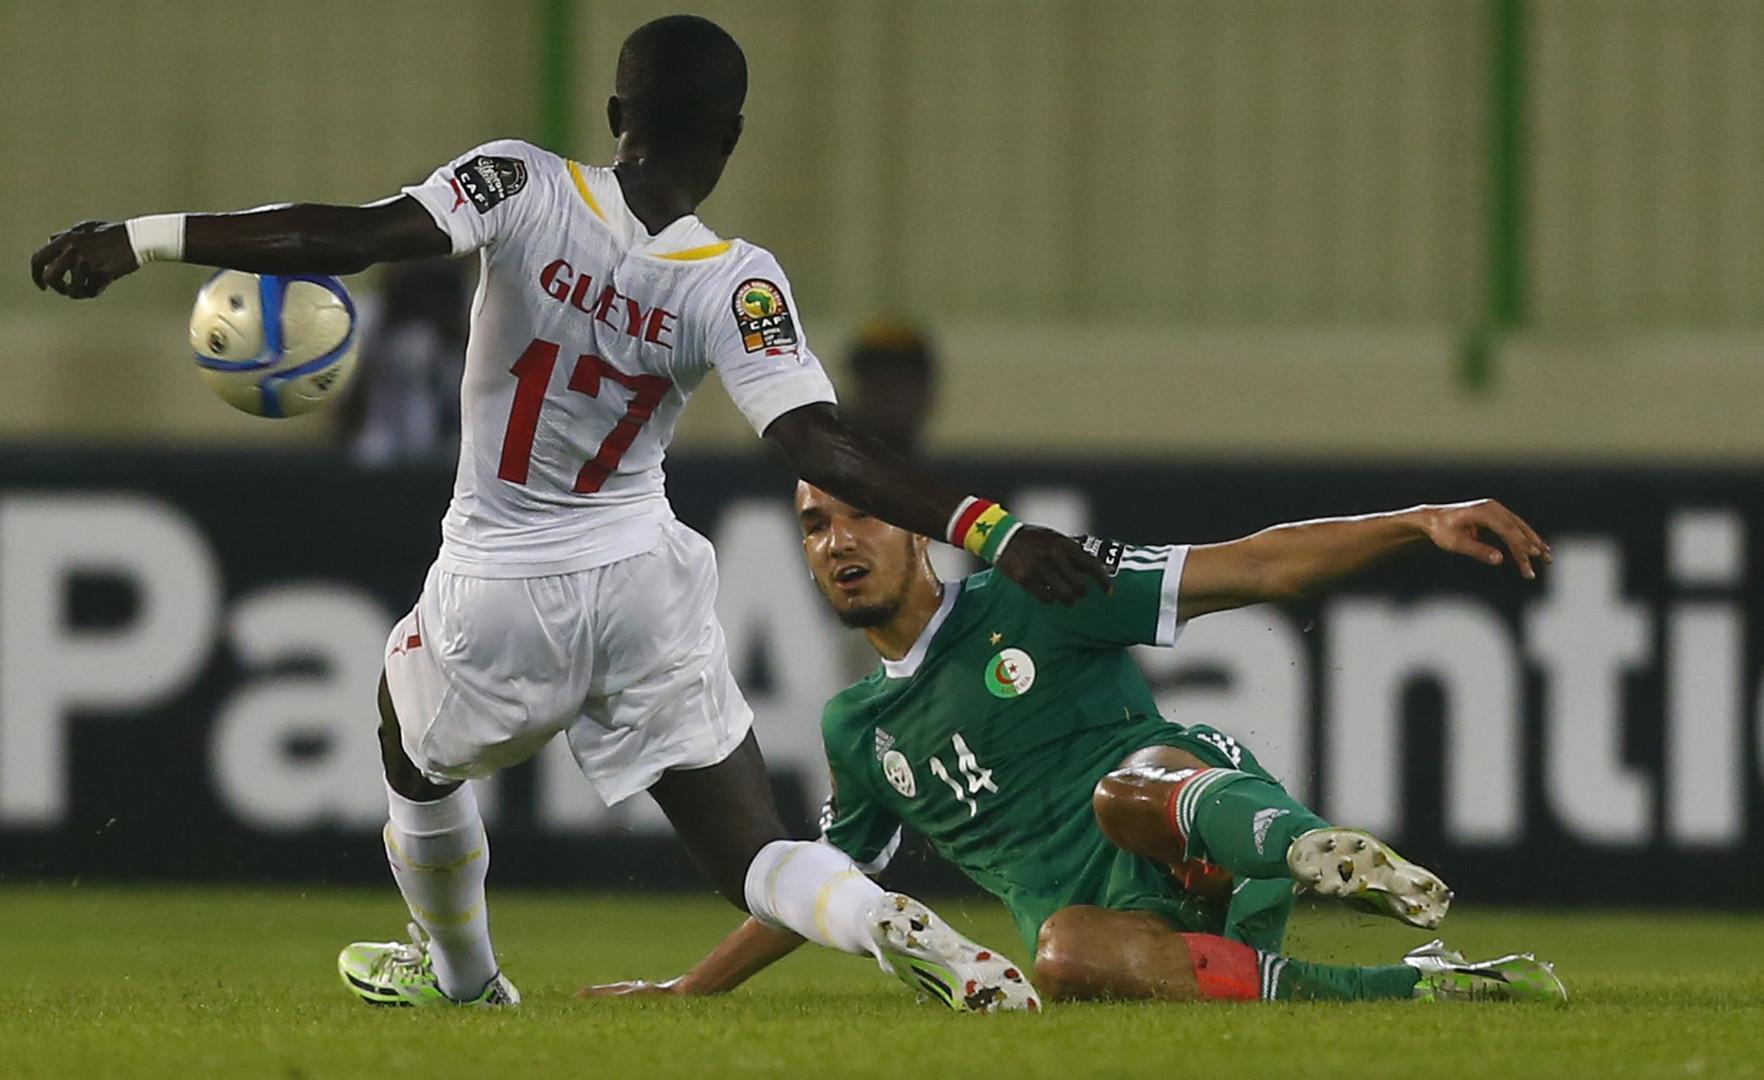 الجزائر إلى الدور الثاني لكأس أمم إفريقيا وبن طالب يسجل هدفا صاروخيا (فيديو)